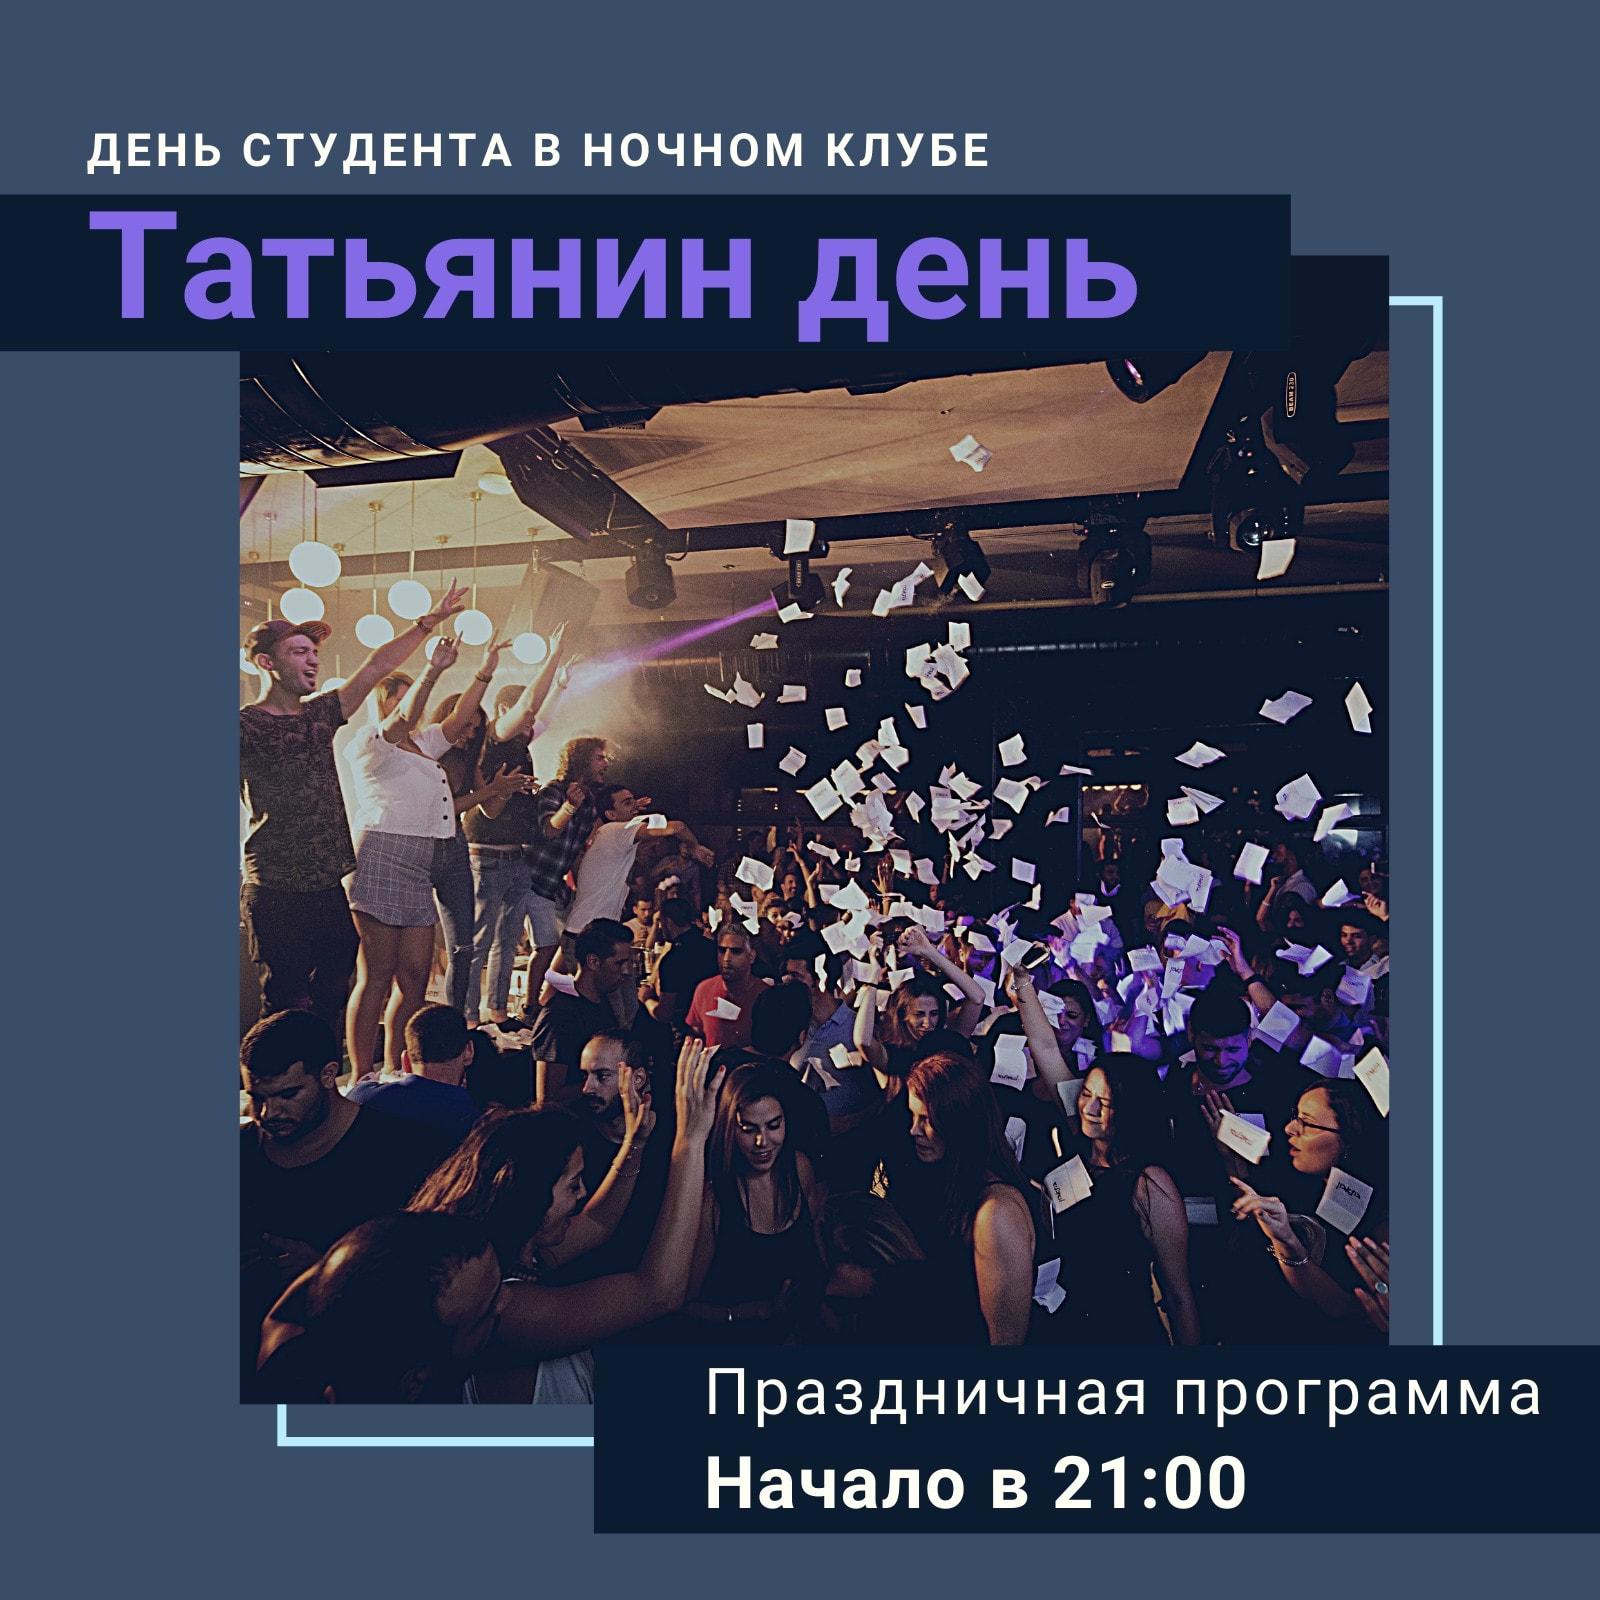 Пригласительный на Татьянин день в клуб с фотографией на темном фоне